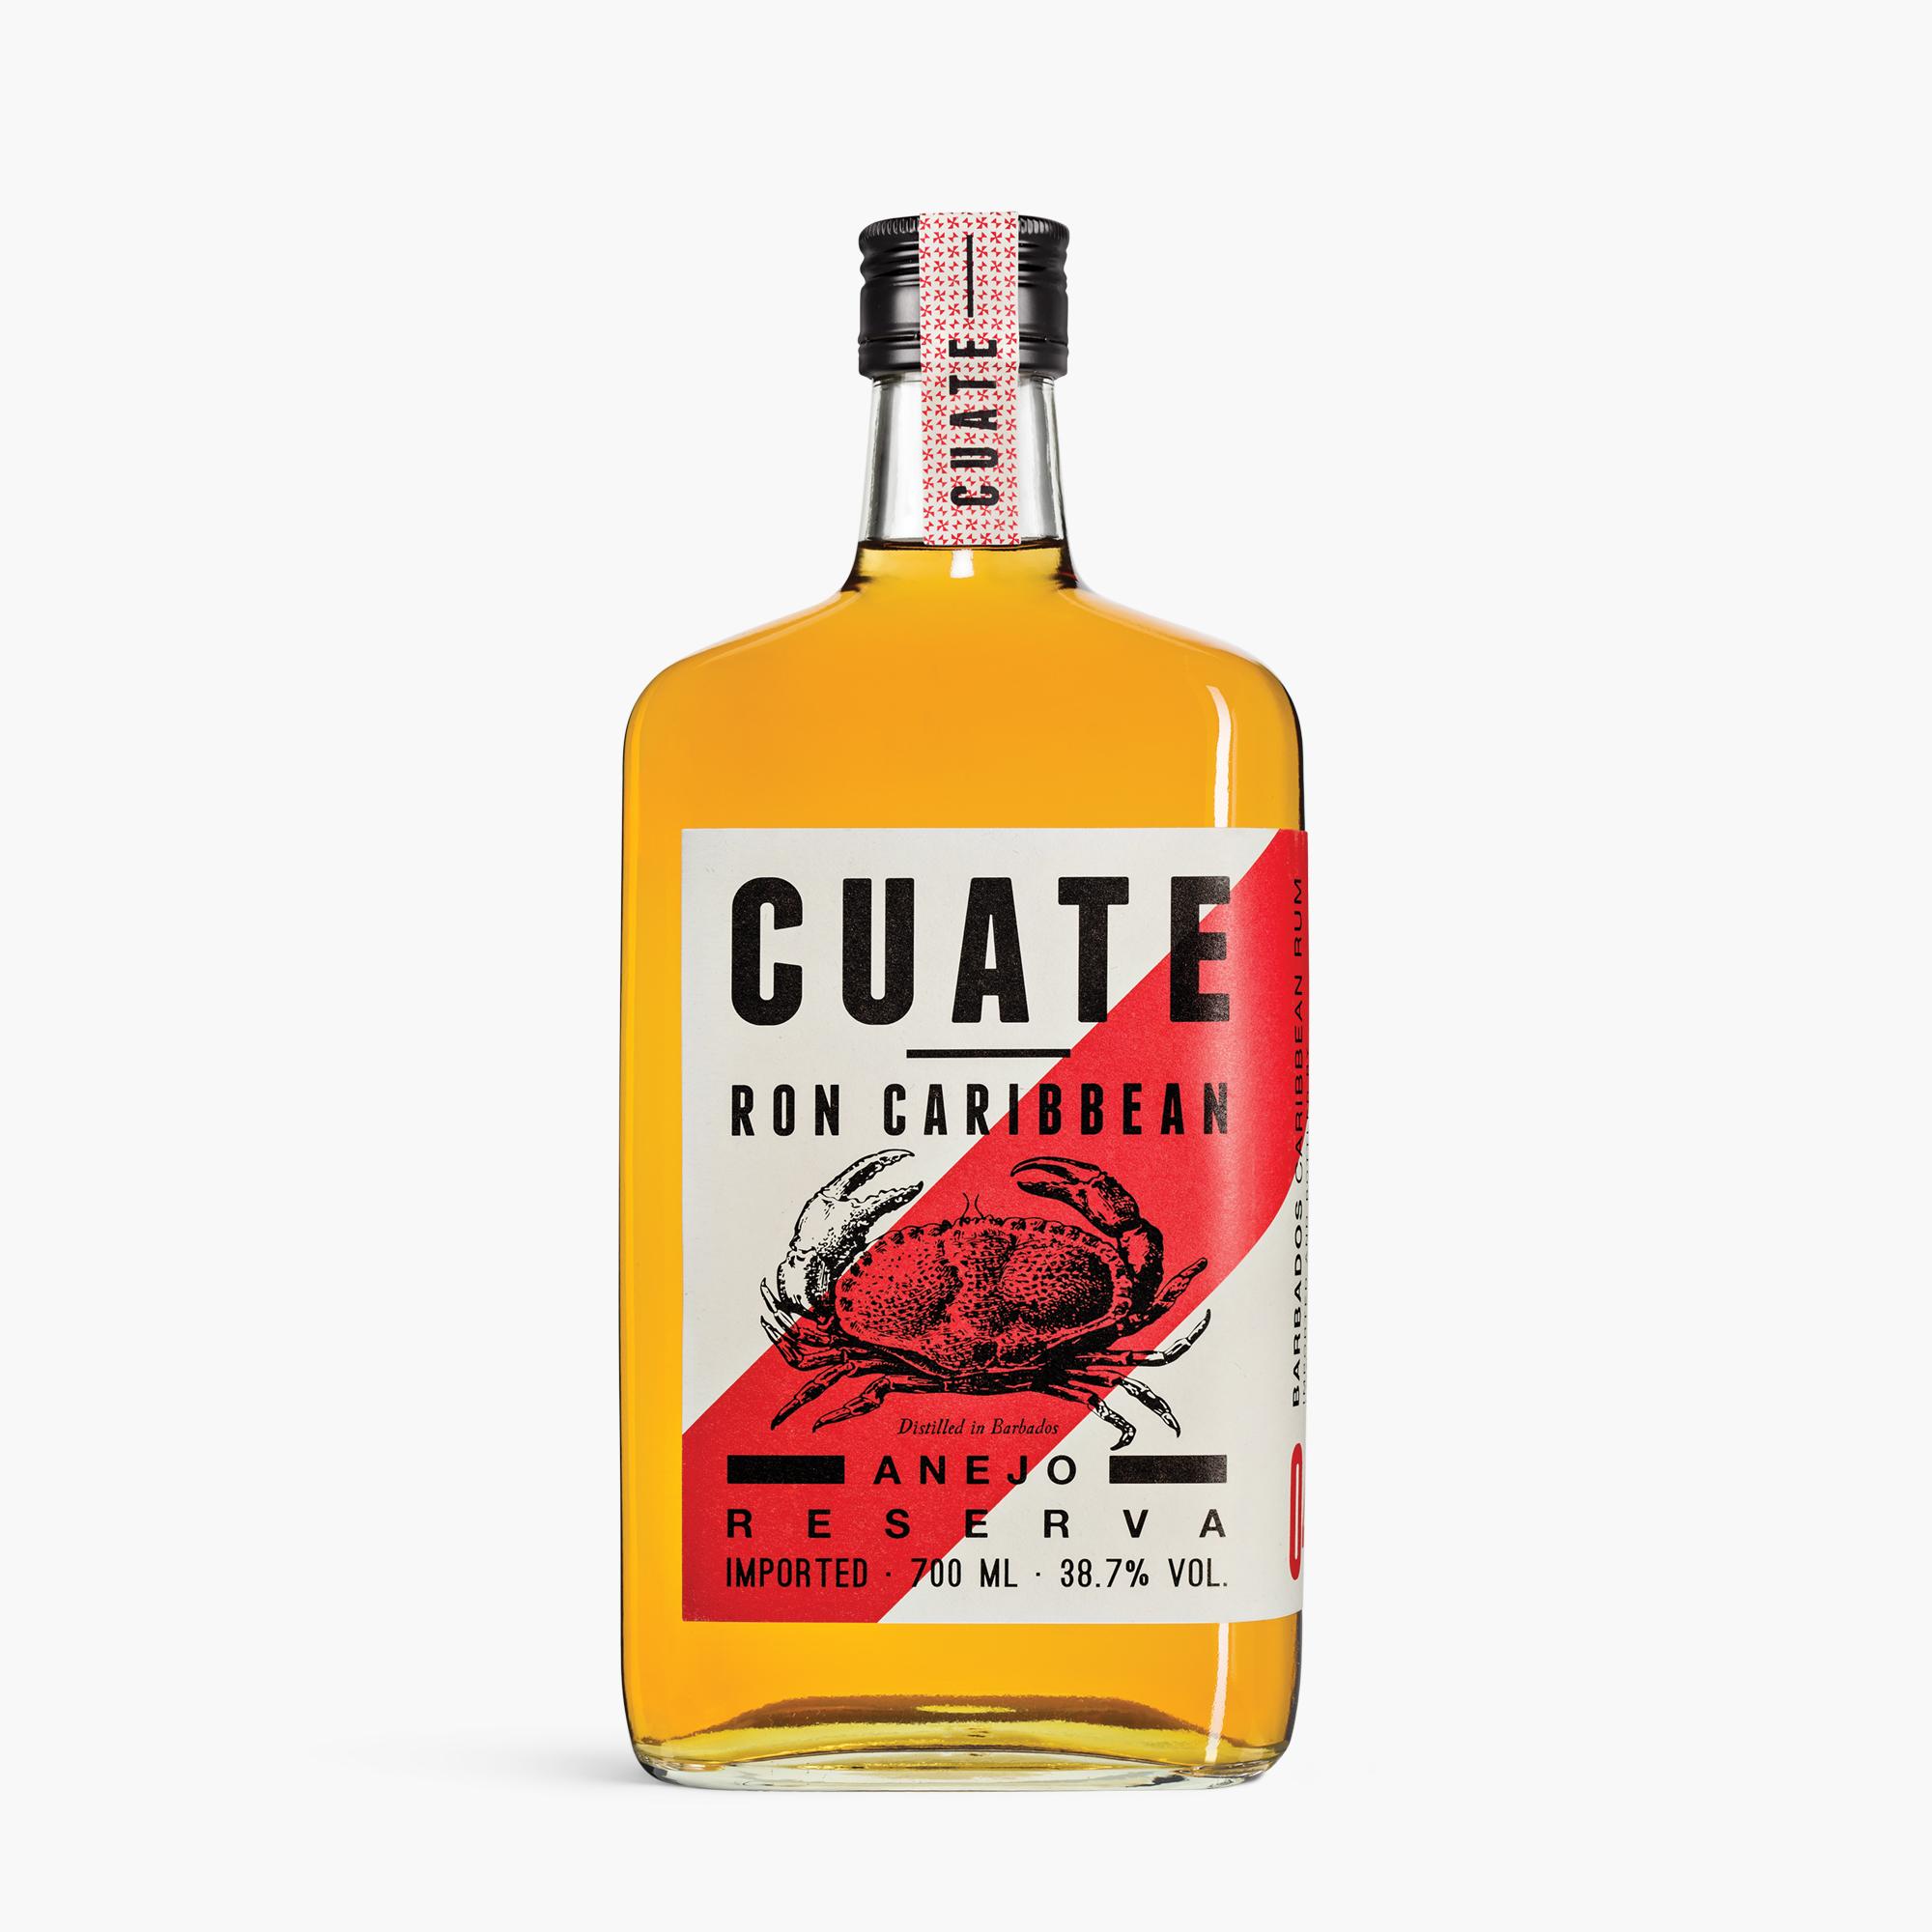 Cuate Rum 04